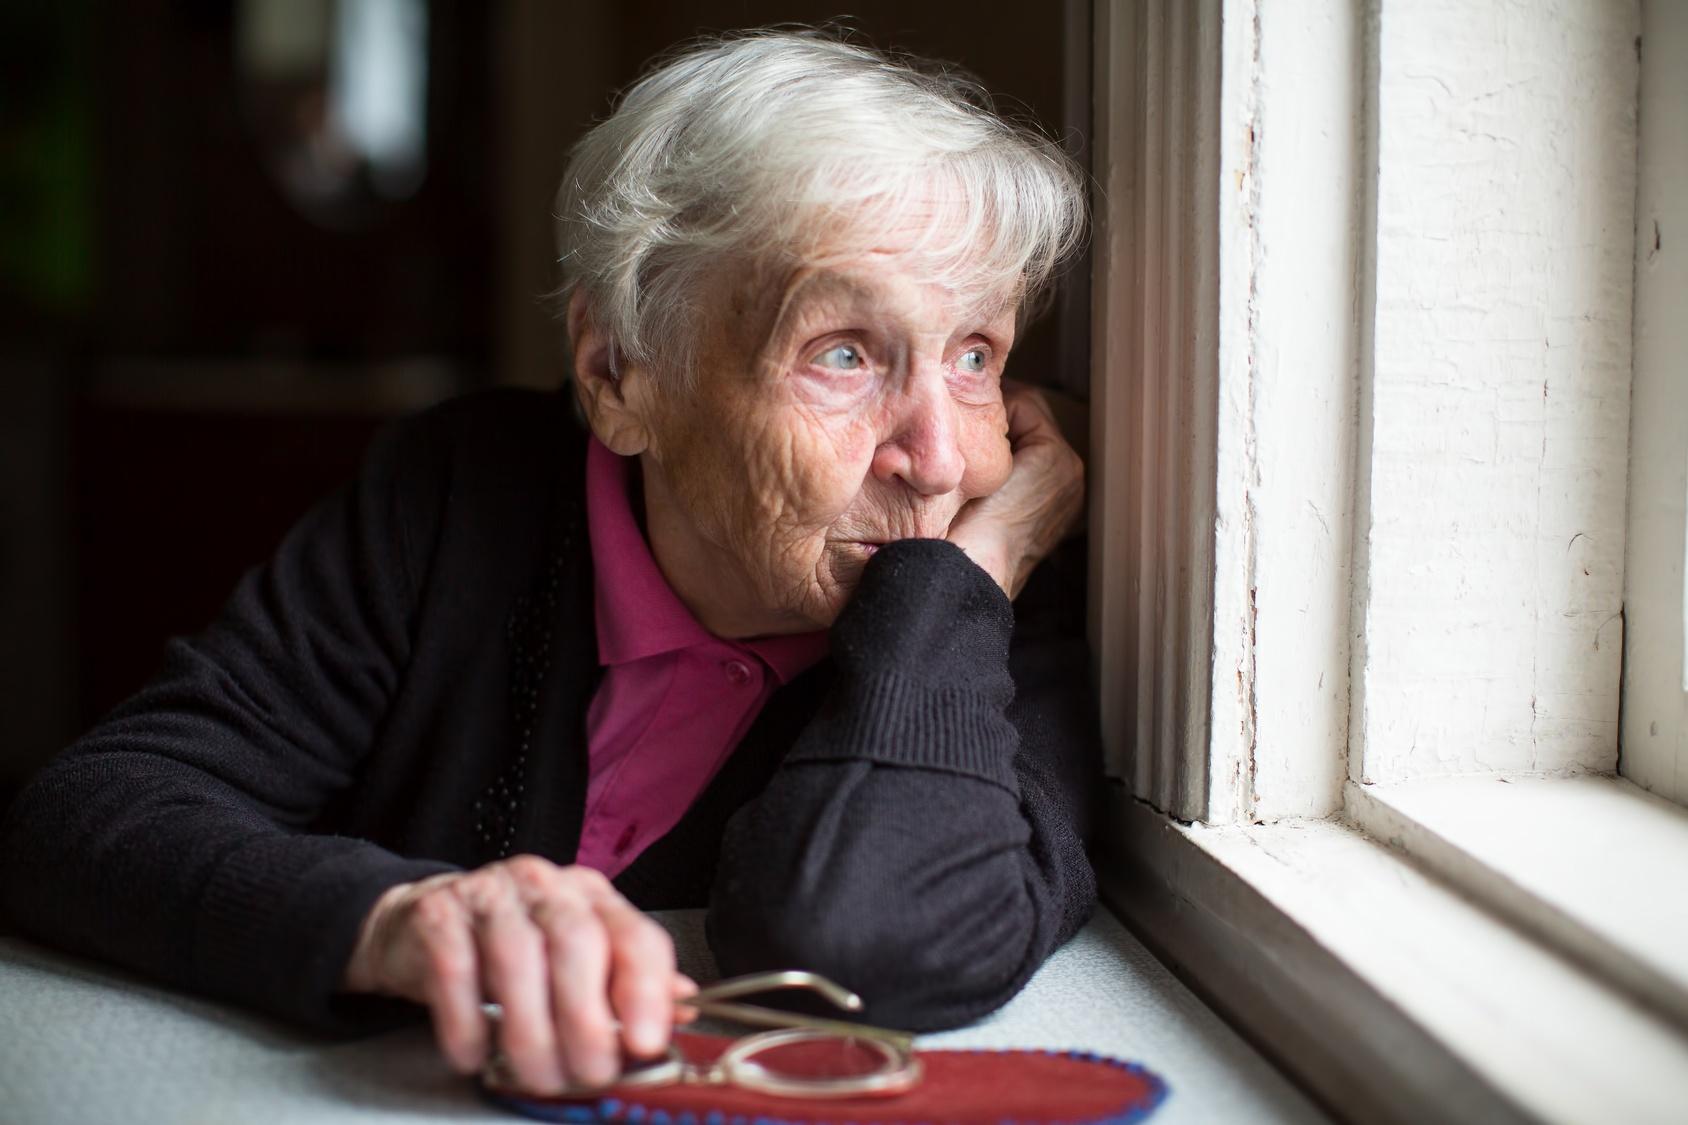 одинокие пожилые люди фото качестве лёгкой кавалерии